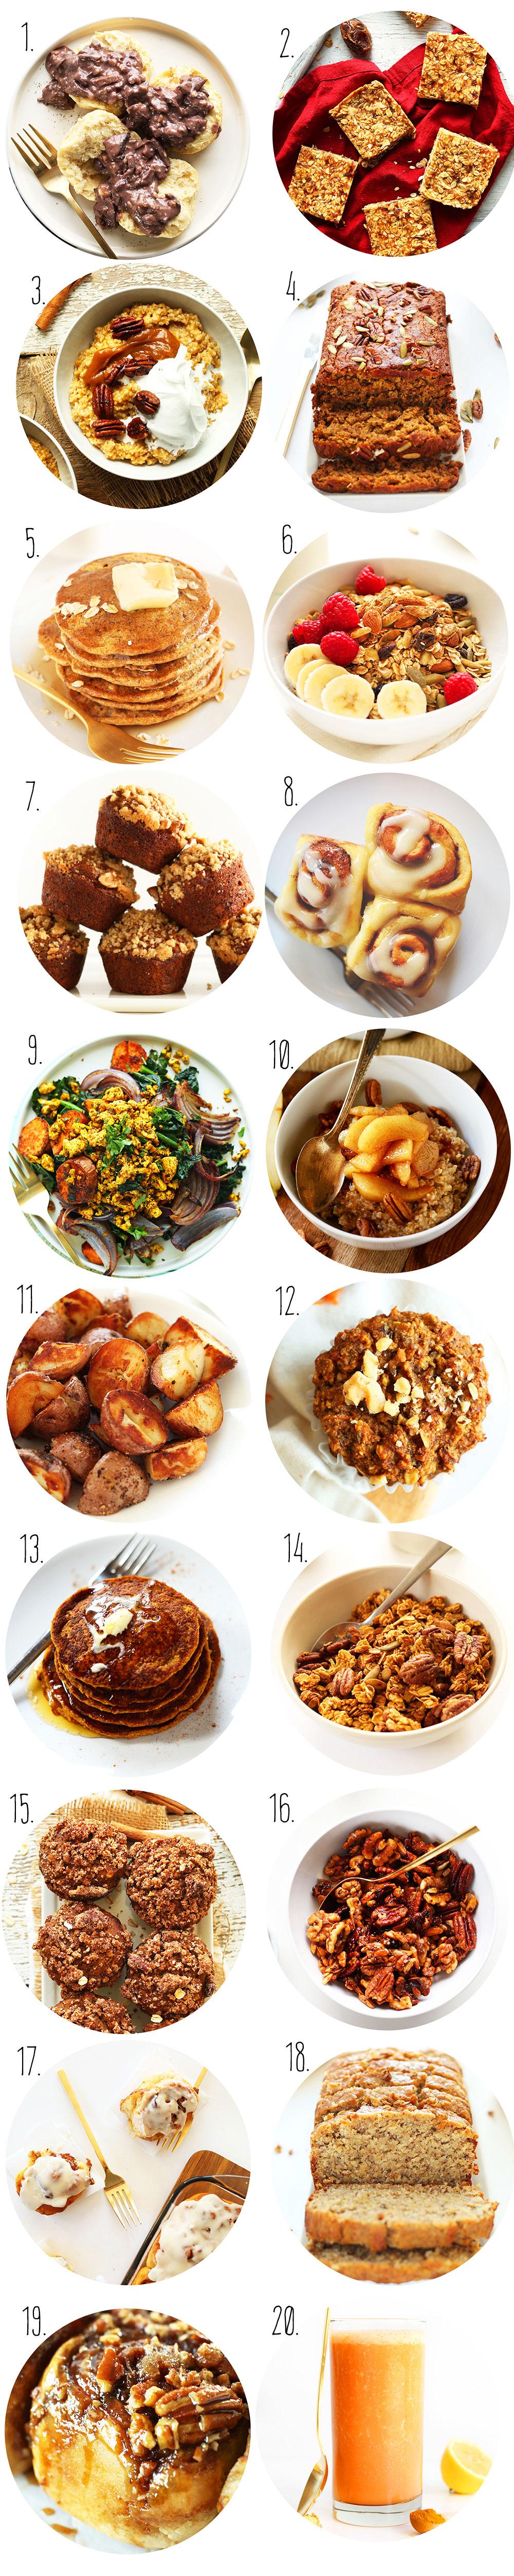 Vegan Thanksgiving Recipes Minimalist Baker Recipes